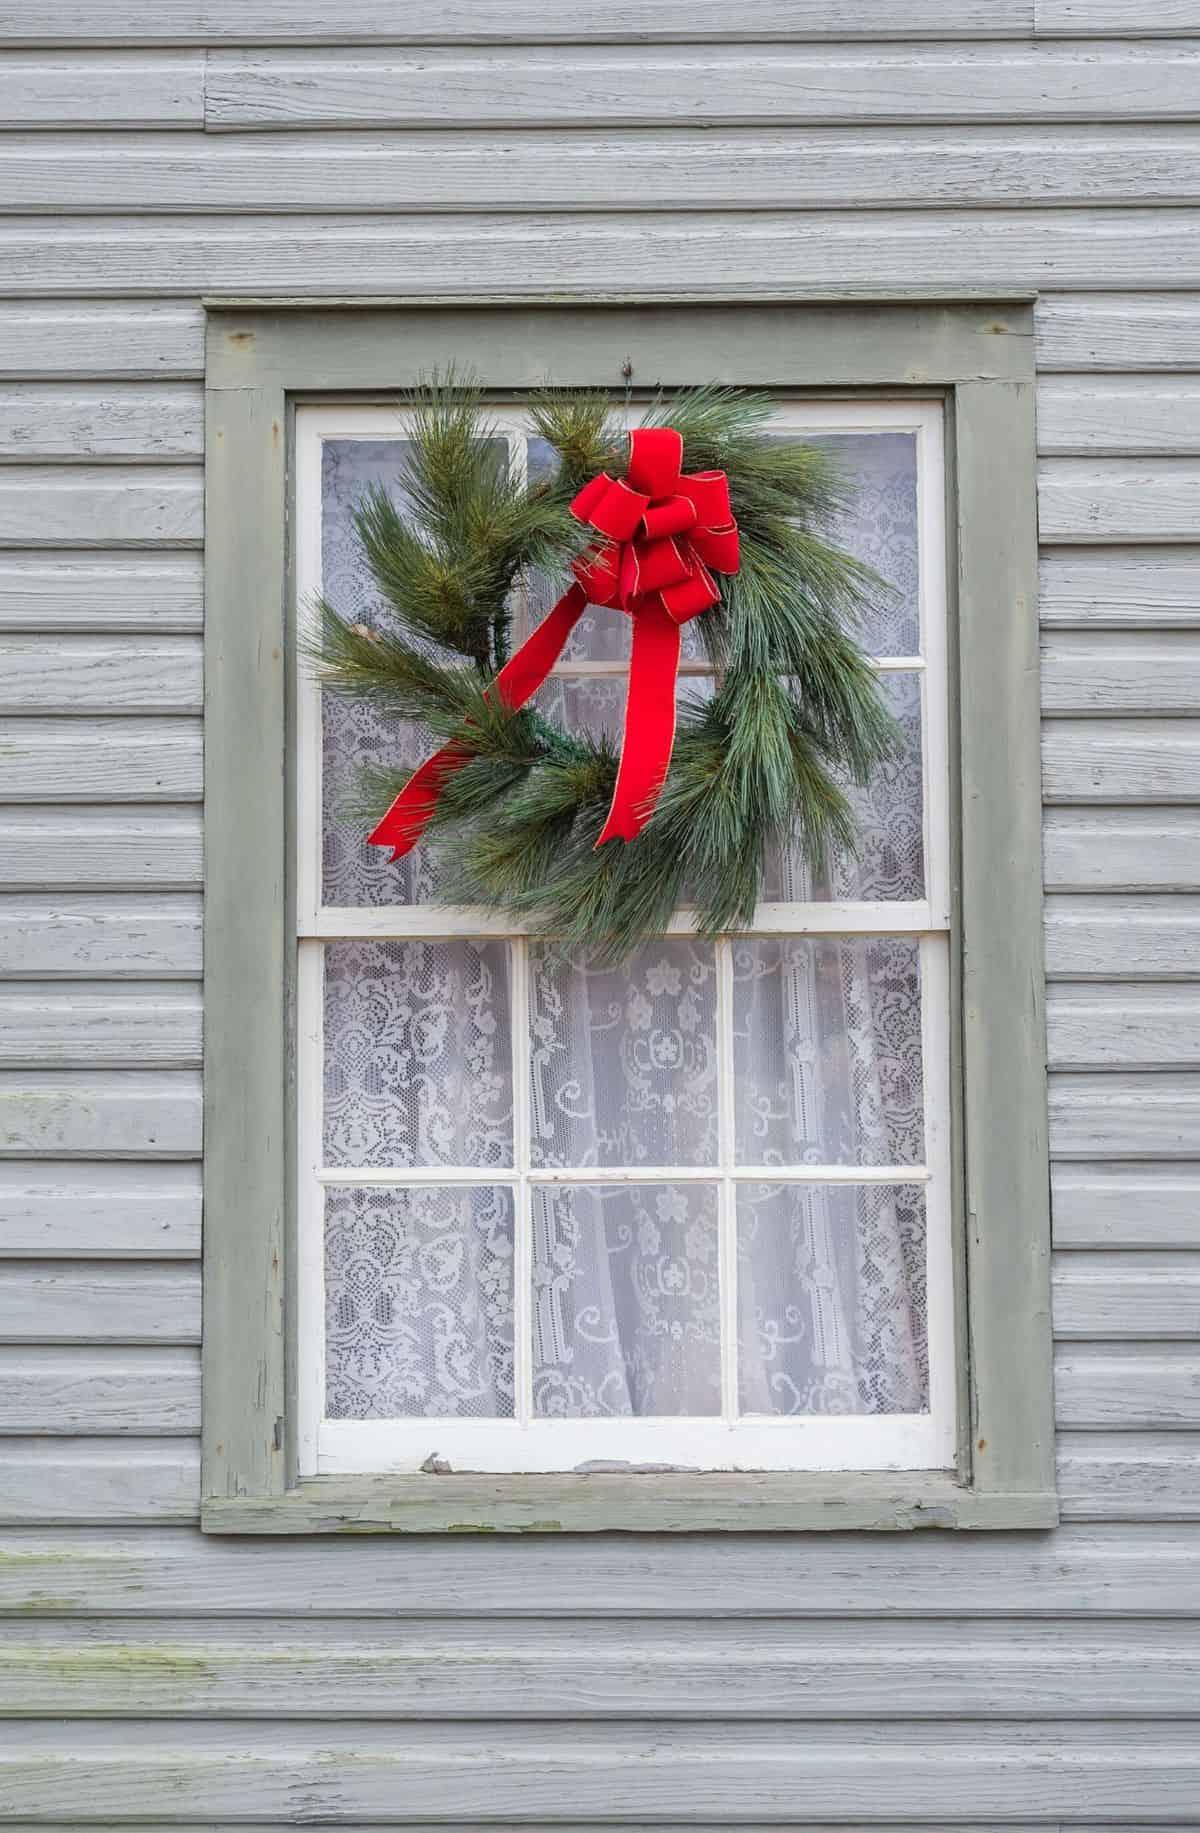 christmas wreath on outside window